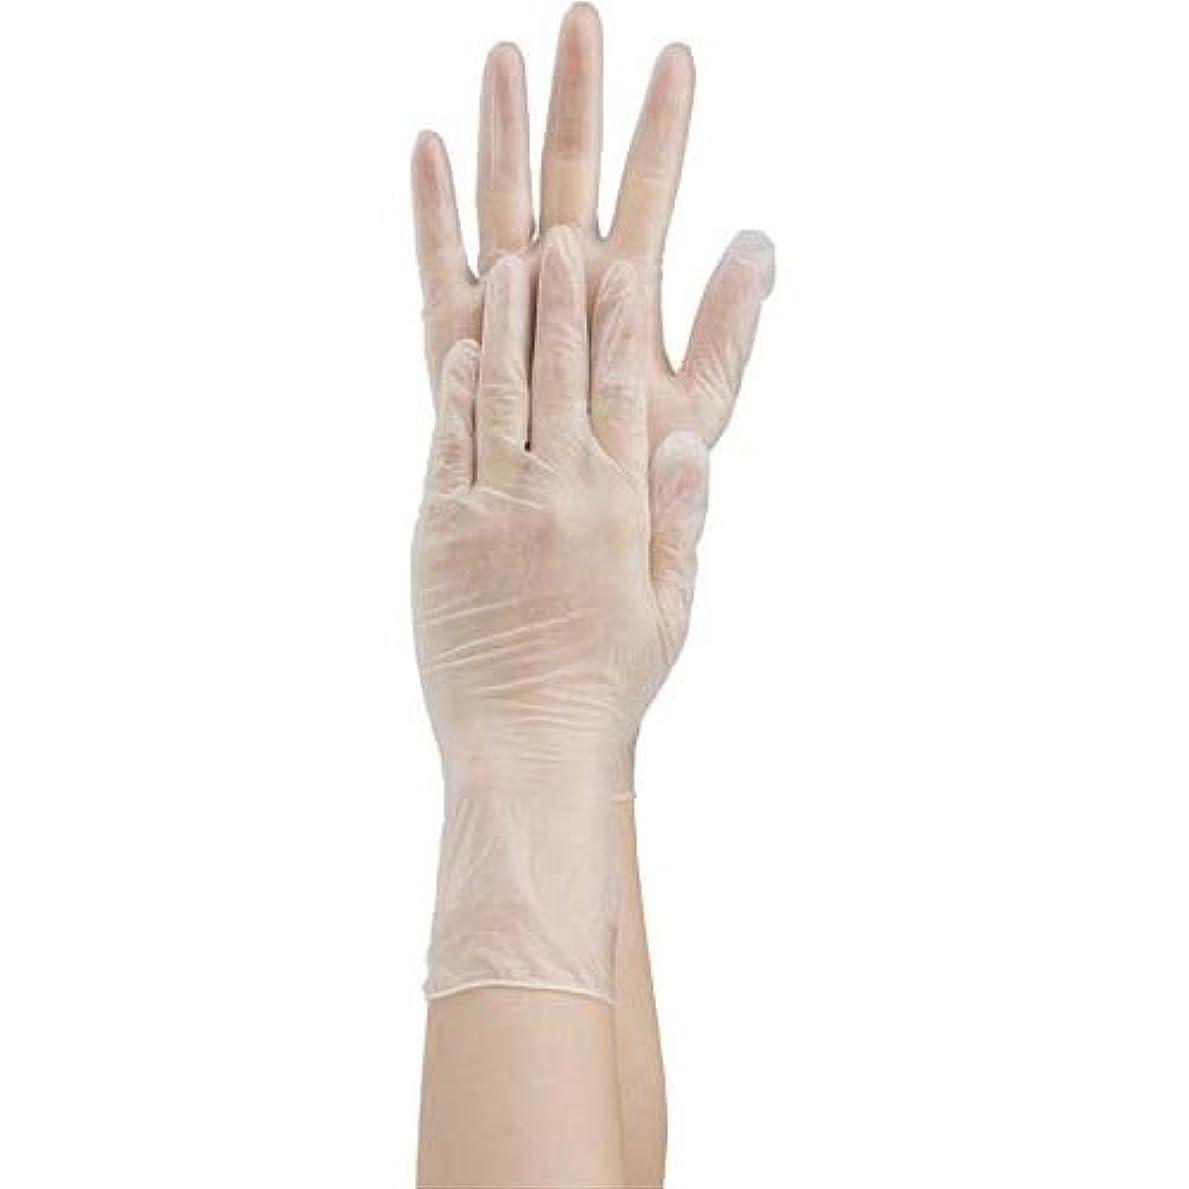 真実に不幸フリンジ共和 プラスチック手袋 粉付 No.1500 L 10箱